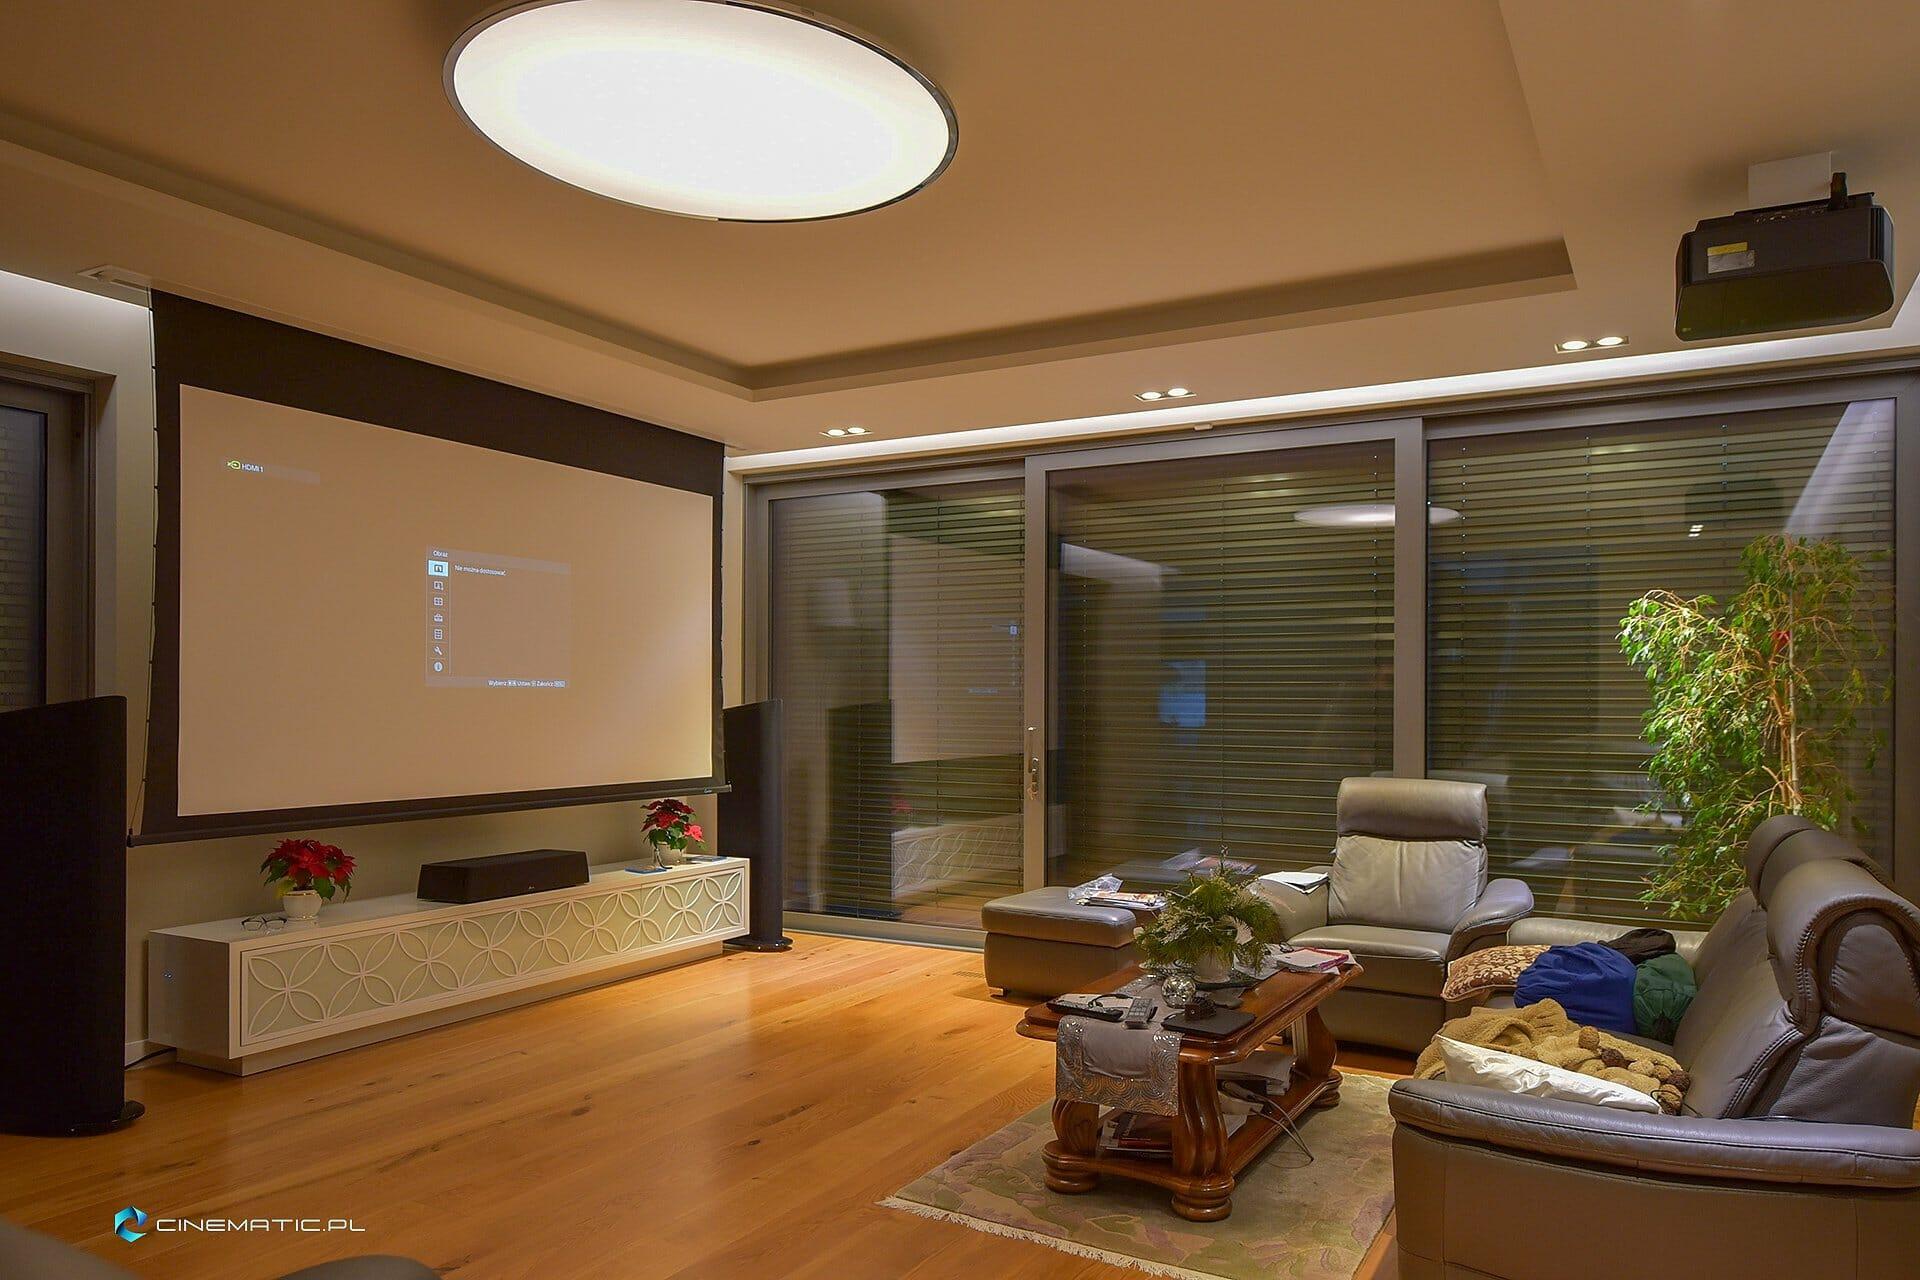 instalacja kina domowego w salonie